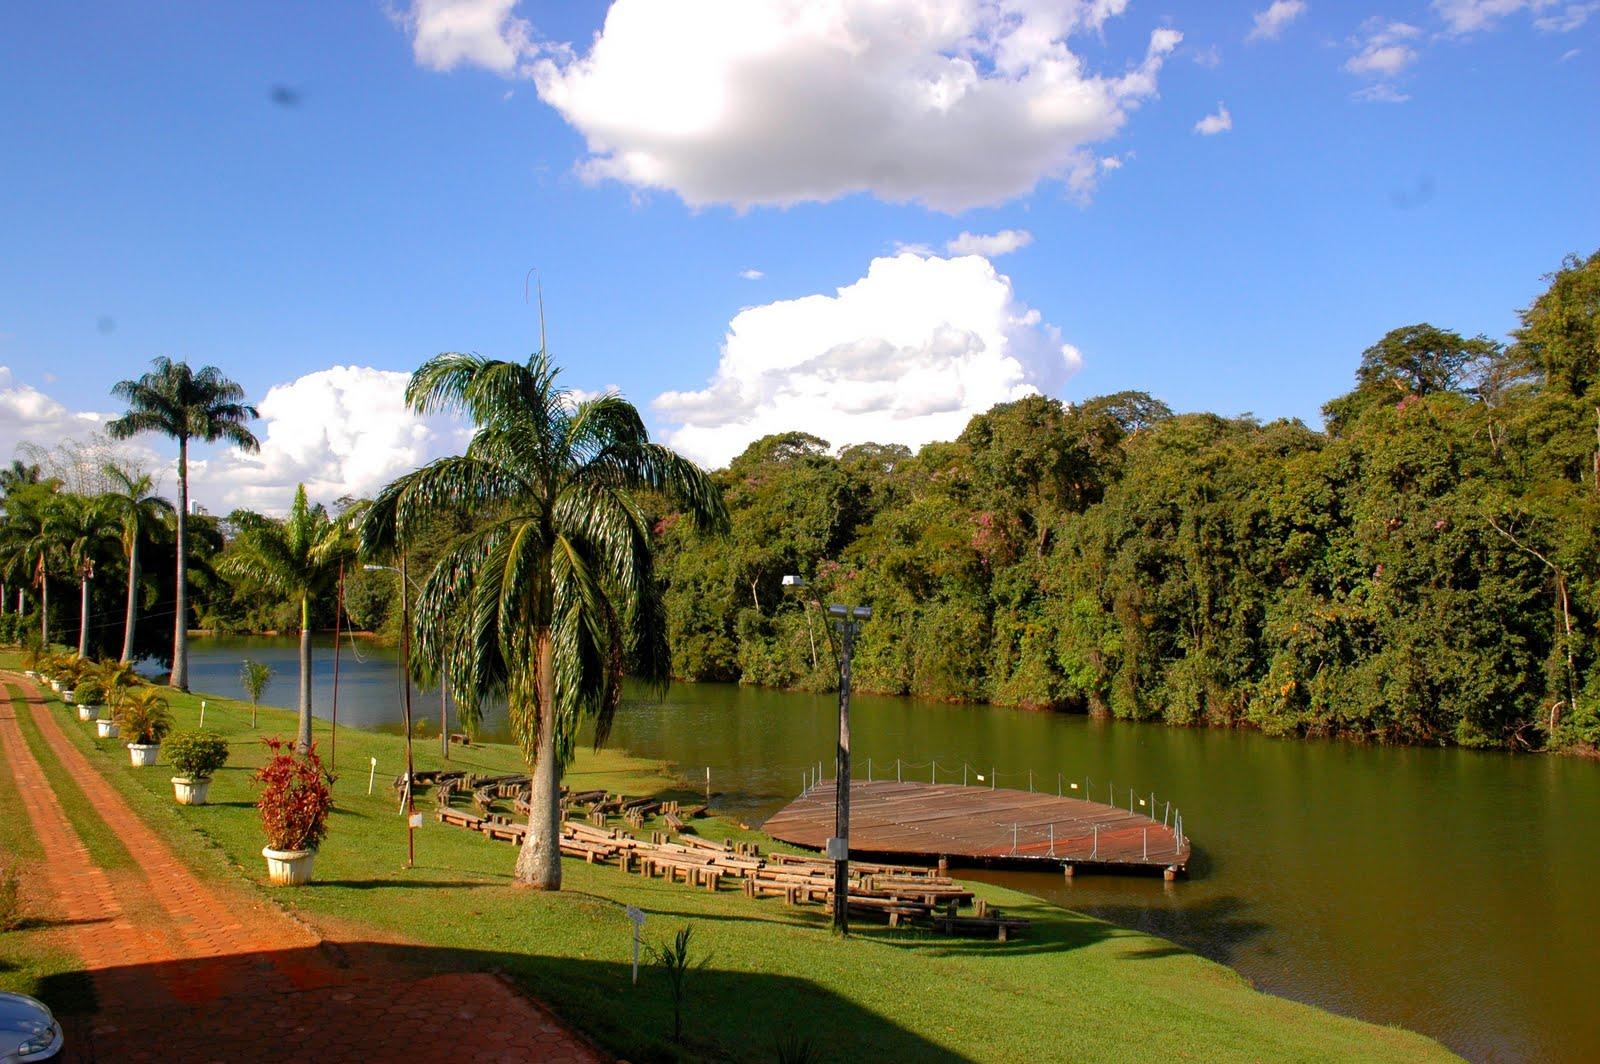 Adesivo Para Box De Banheiro ~ Boletim de Goiás Belezas de Goiás Jardim Bot u00e2nico de Goi u00e2nia